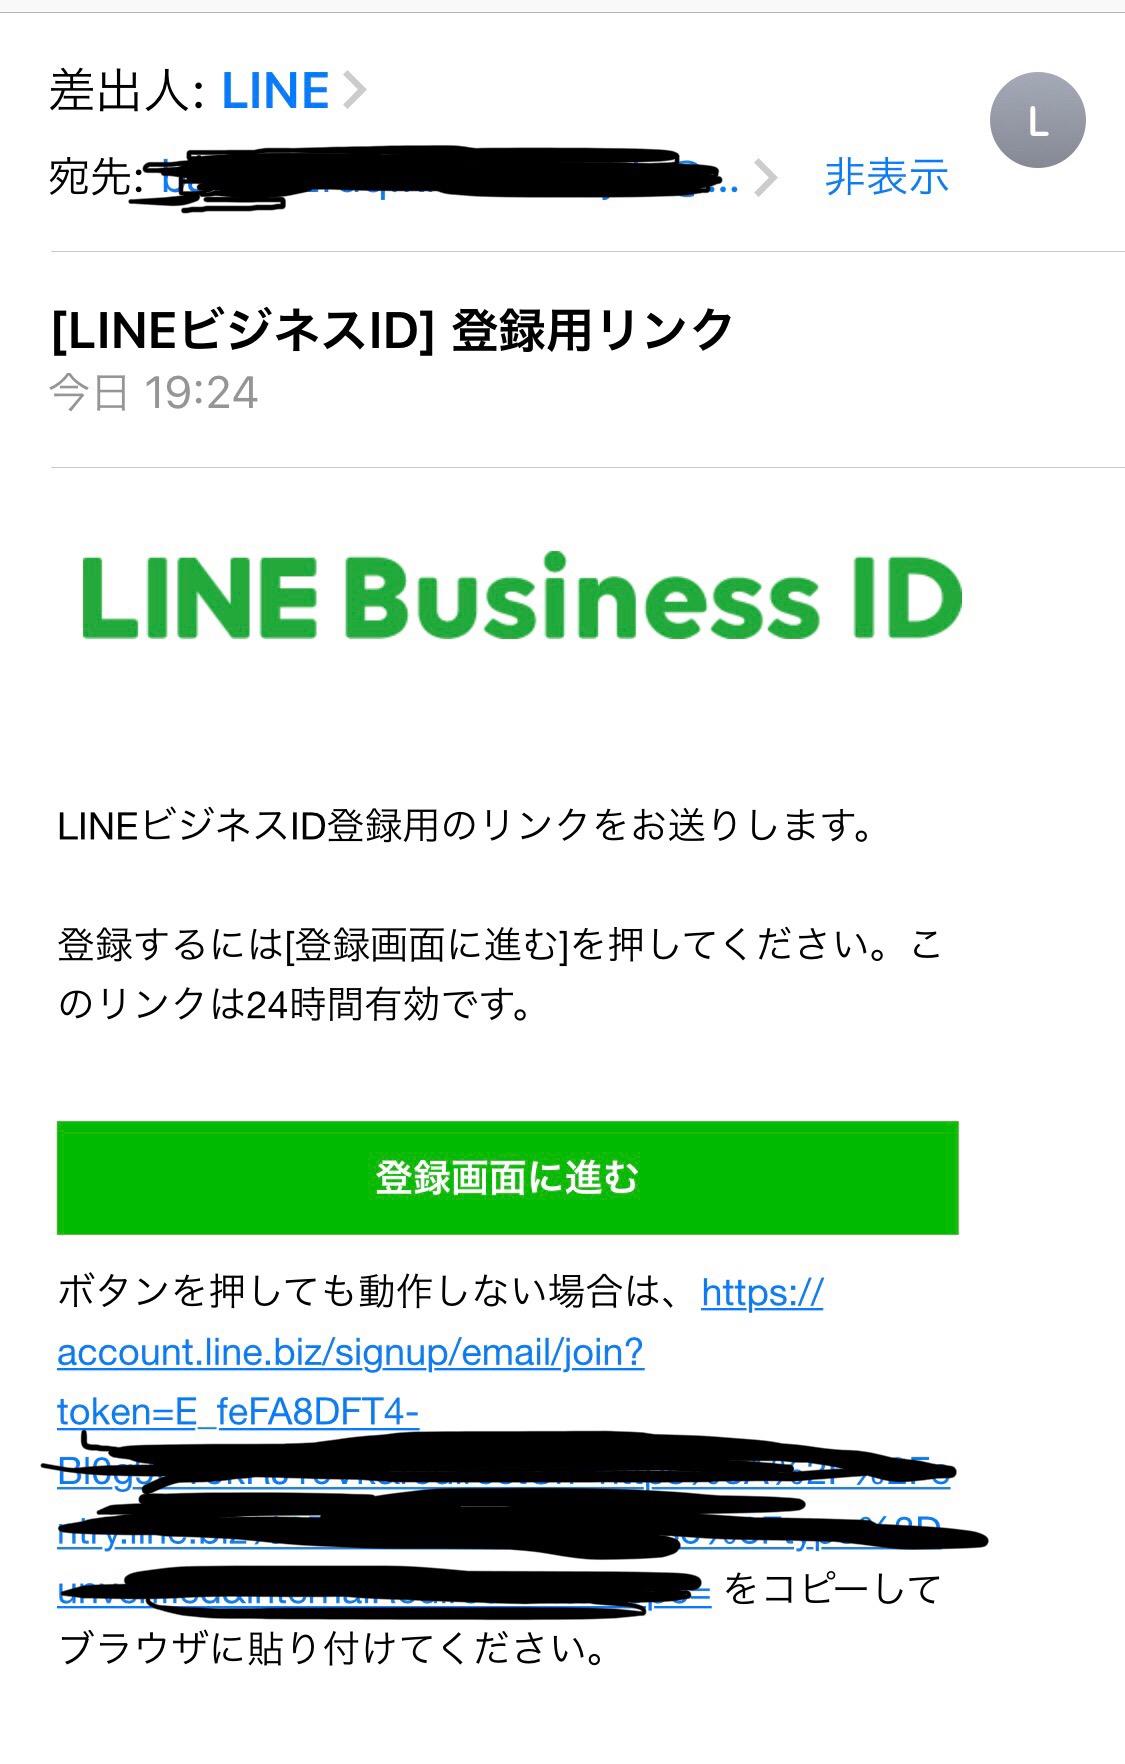 LINE公式アカウントを作りました。ぜひ登録してね〜ちなみに作るのは簡単でした〜